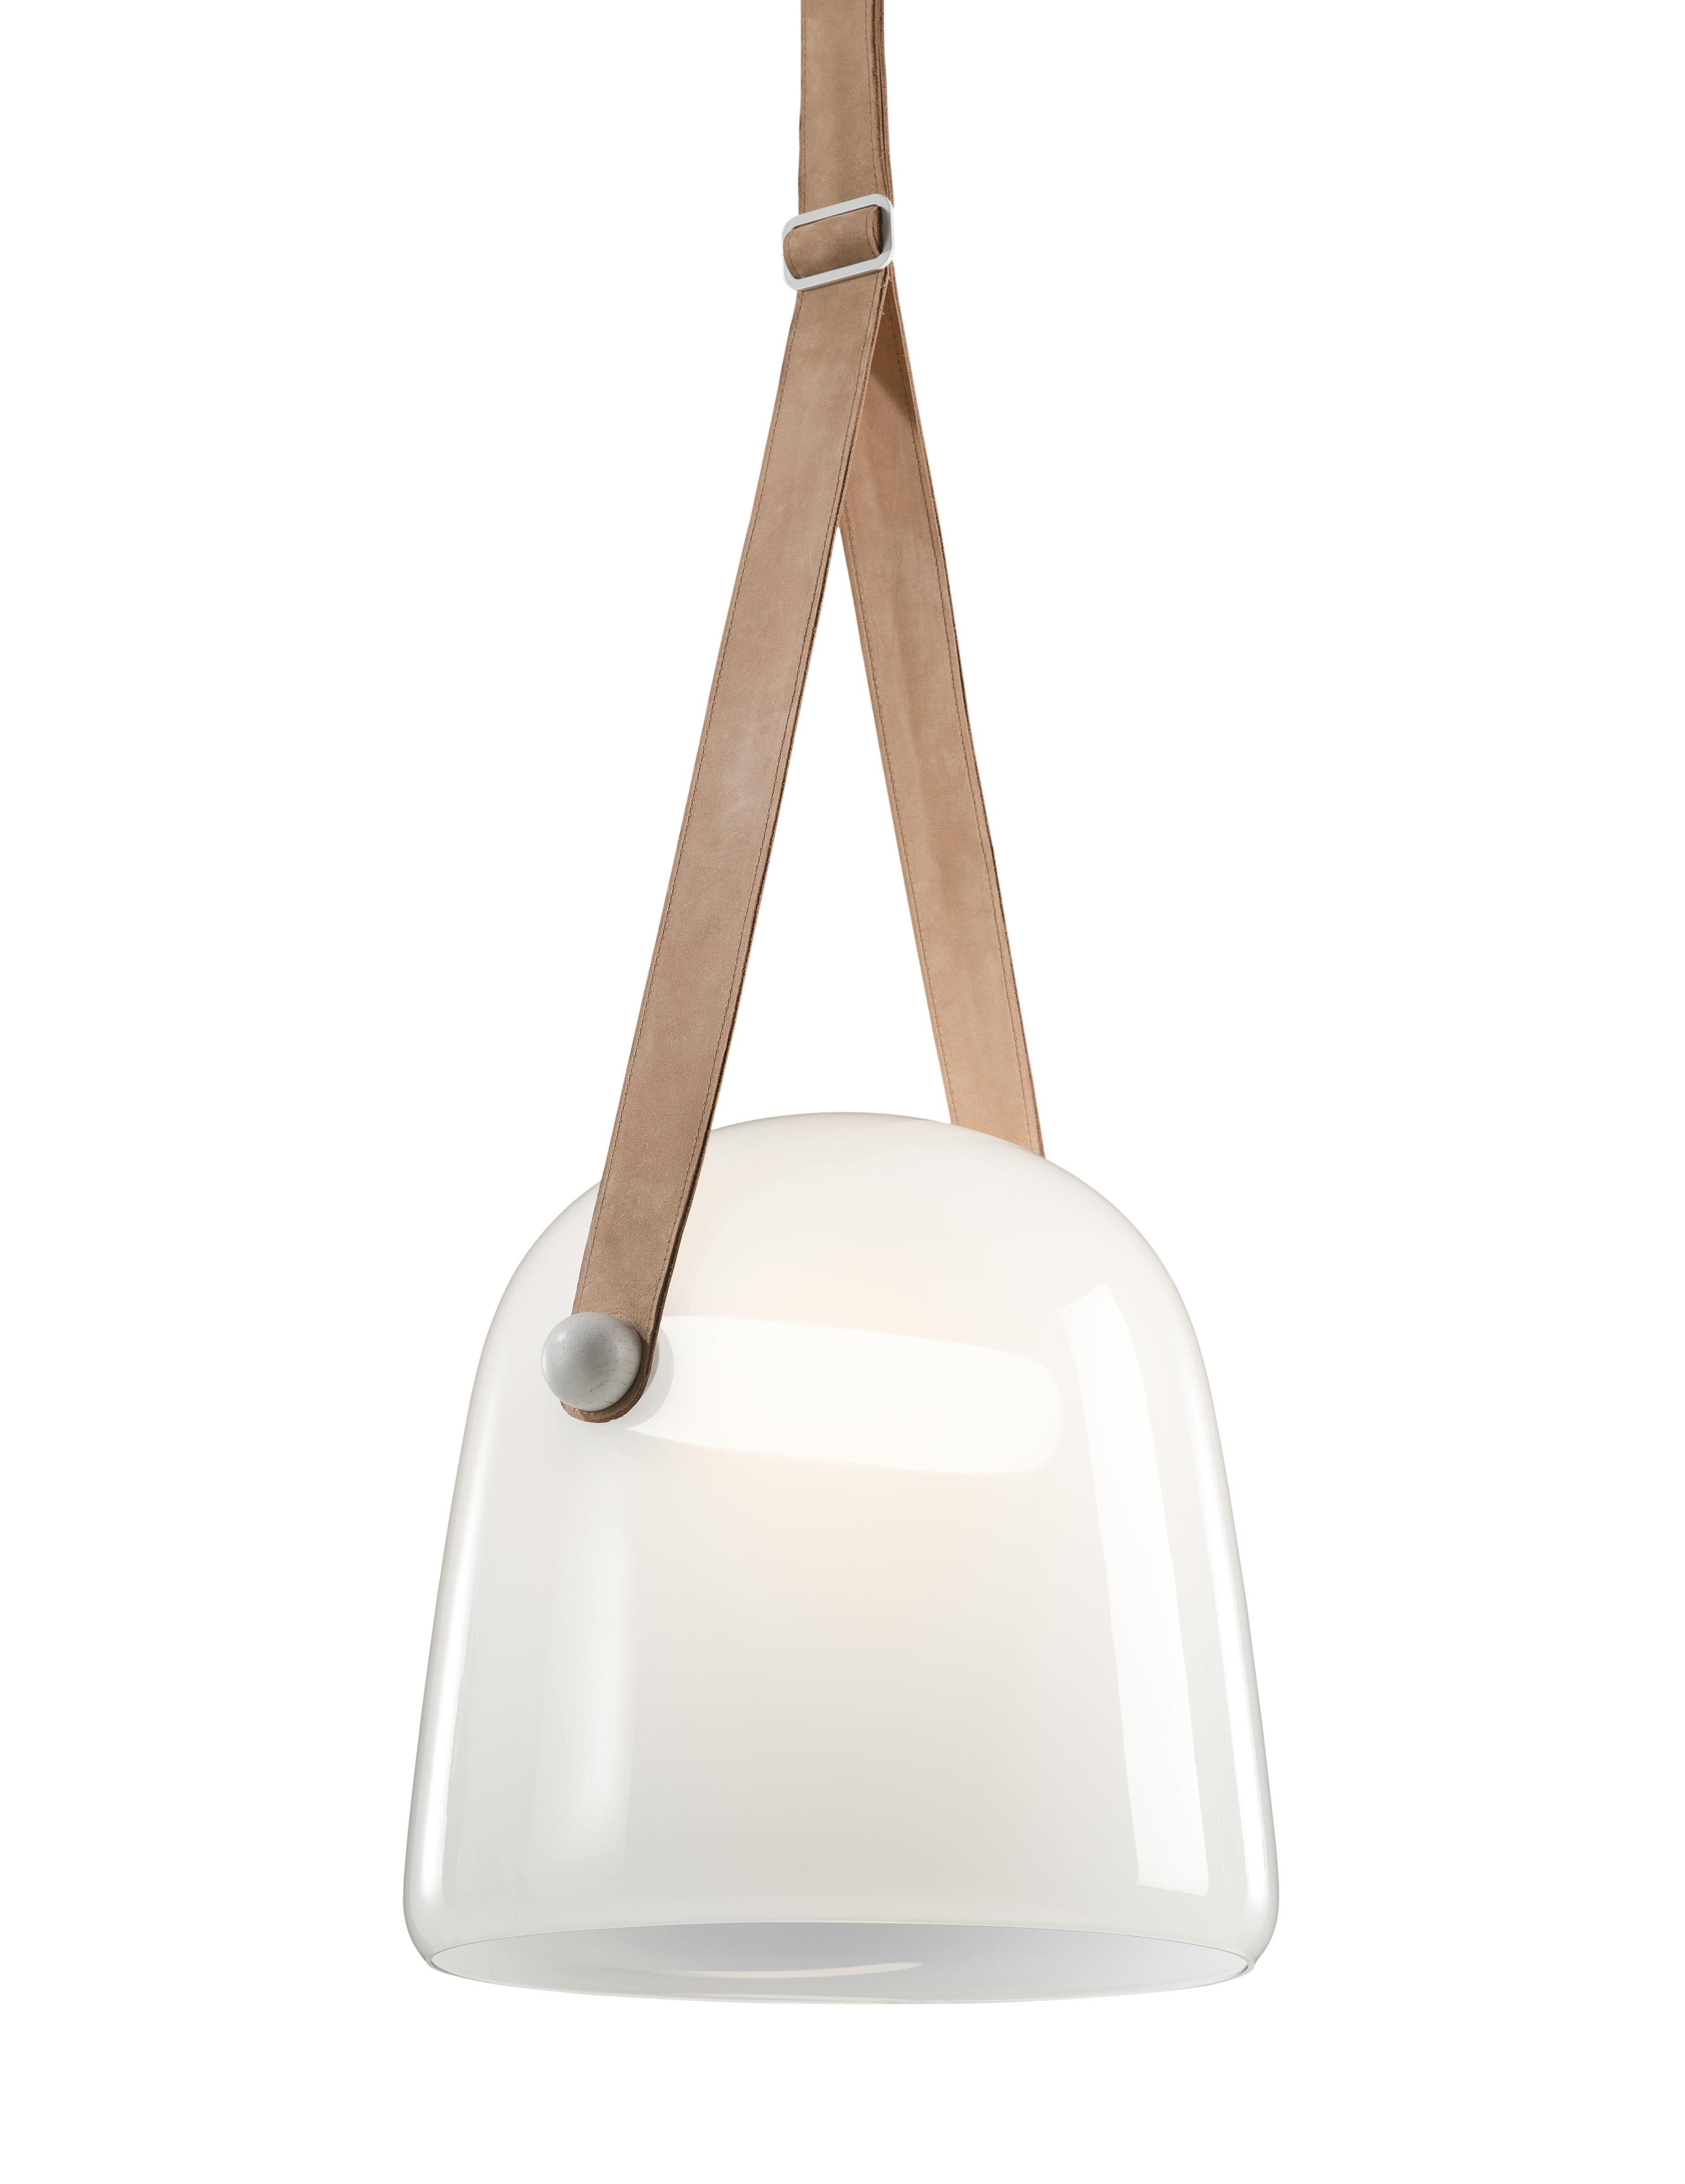 Illuminazione - Lampadari - Sospensione Mona - / Vetro di Brokis - Vetro bianco opalino / Cuoio naturale - Cuir naturel, Rovere tinto, Vetro soffiato a bocca